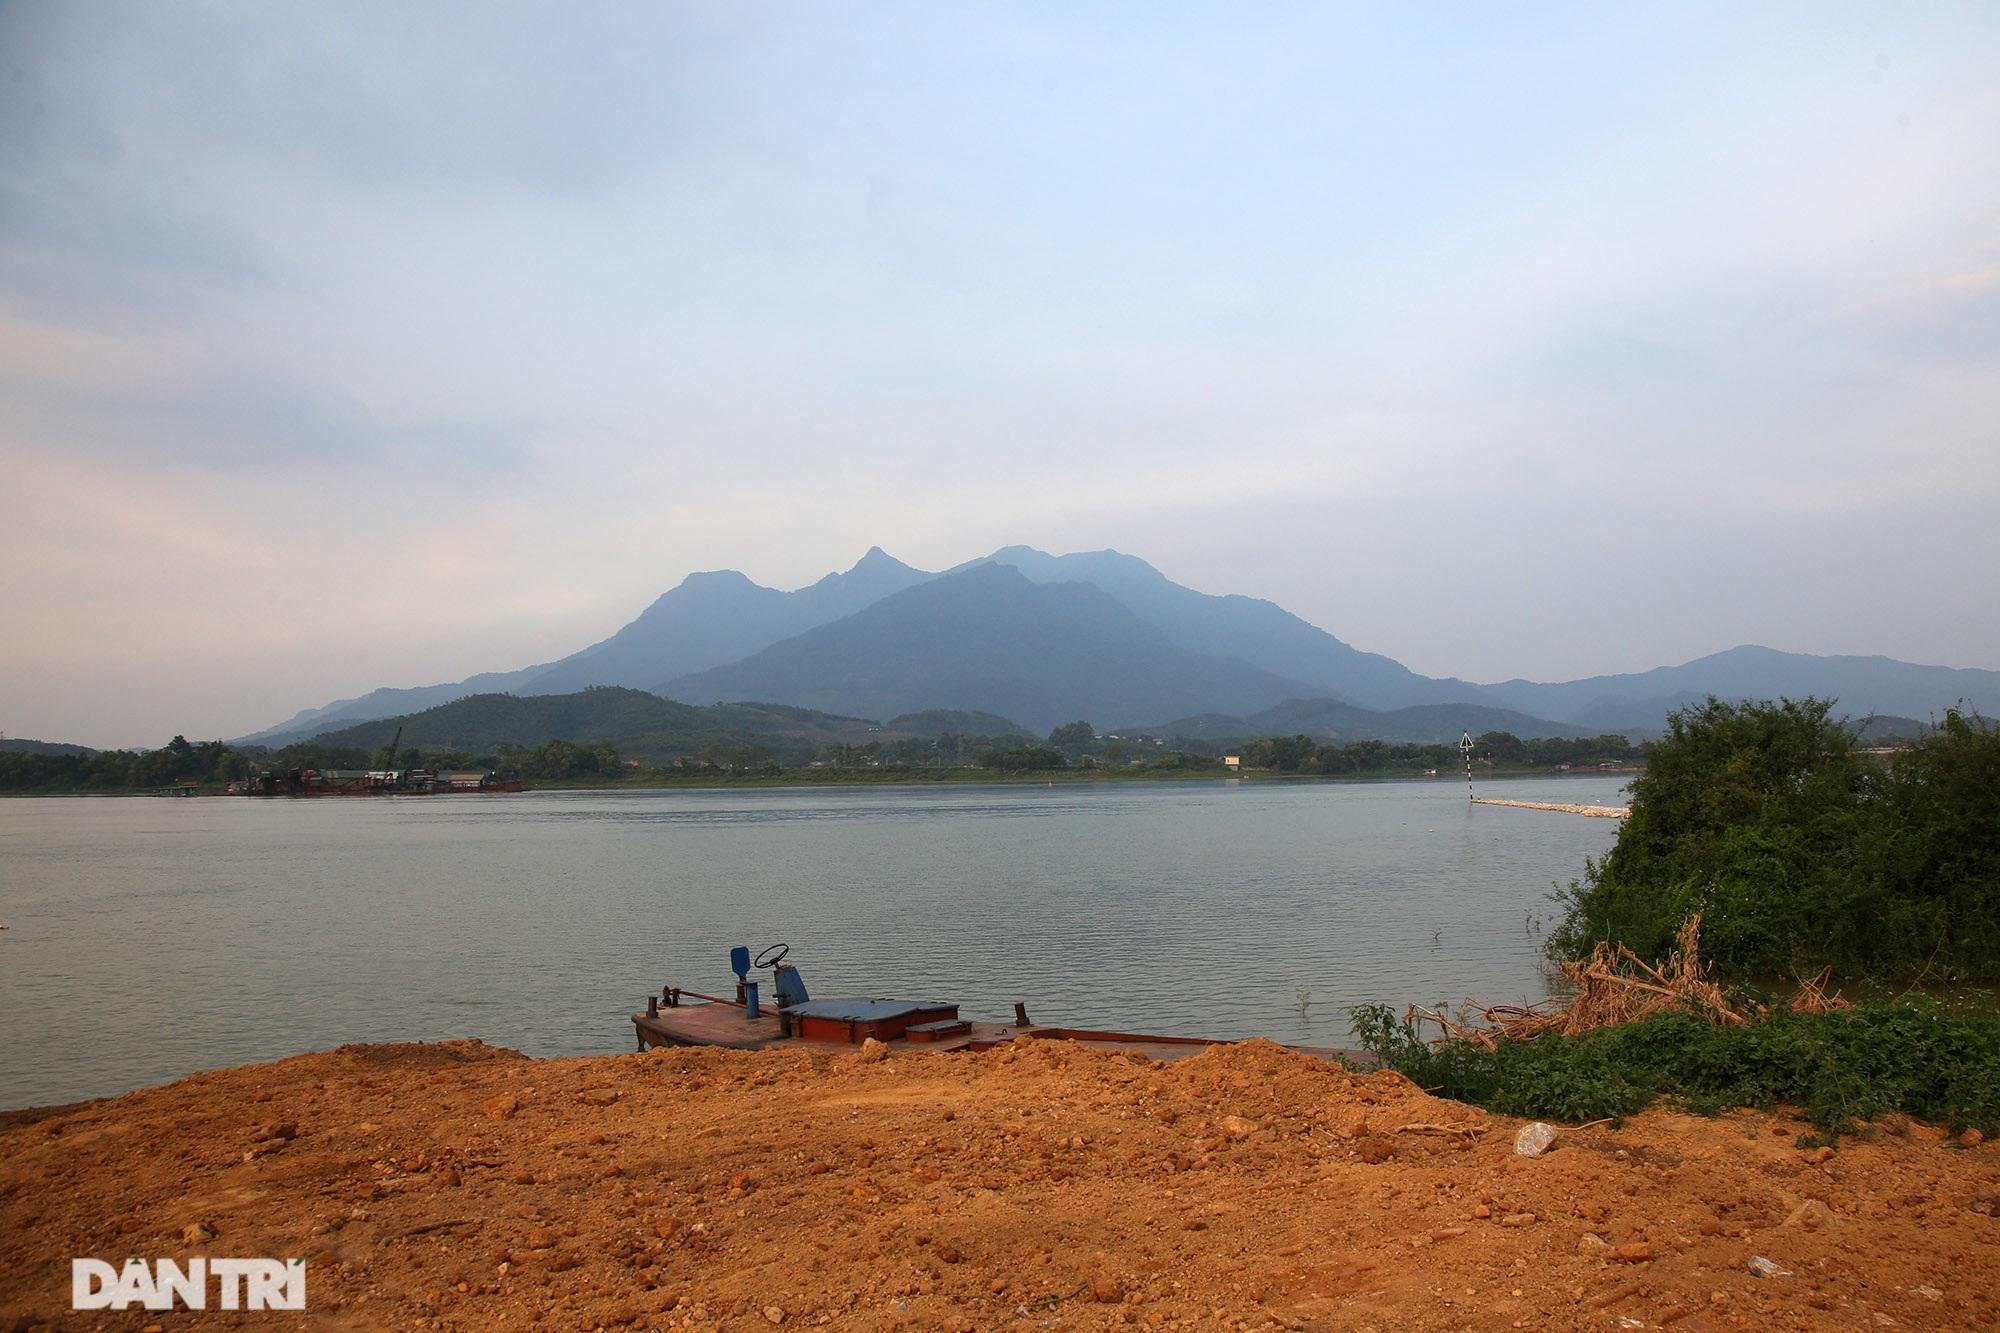 Núi thiêng gần Hà Nội đẹp mê mải nhìn từ muôn phương tám hướng - 16